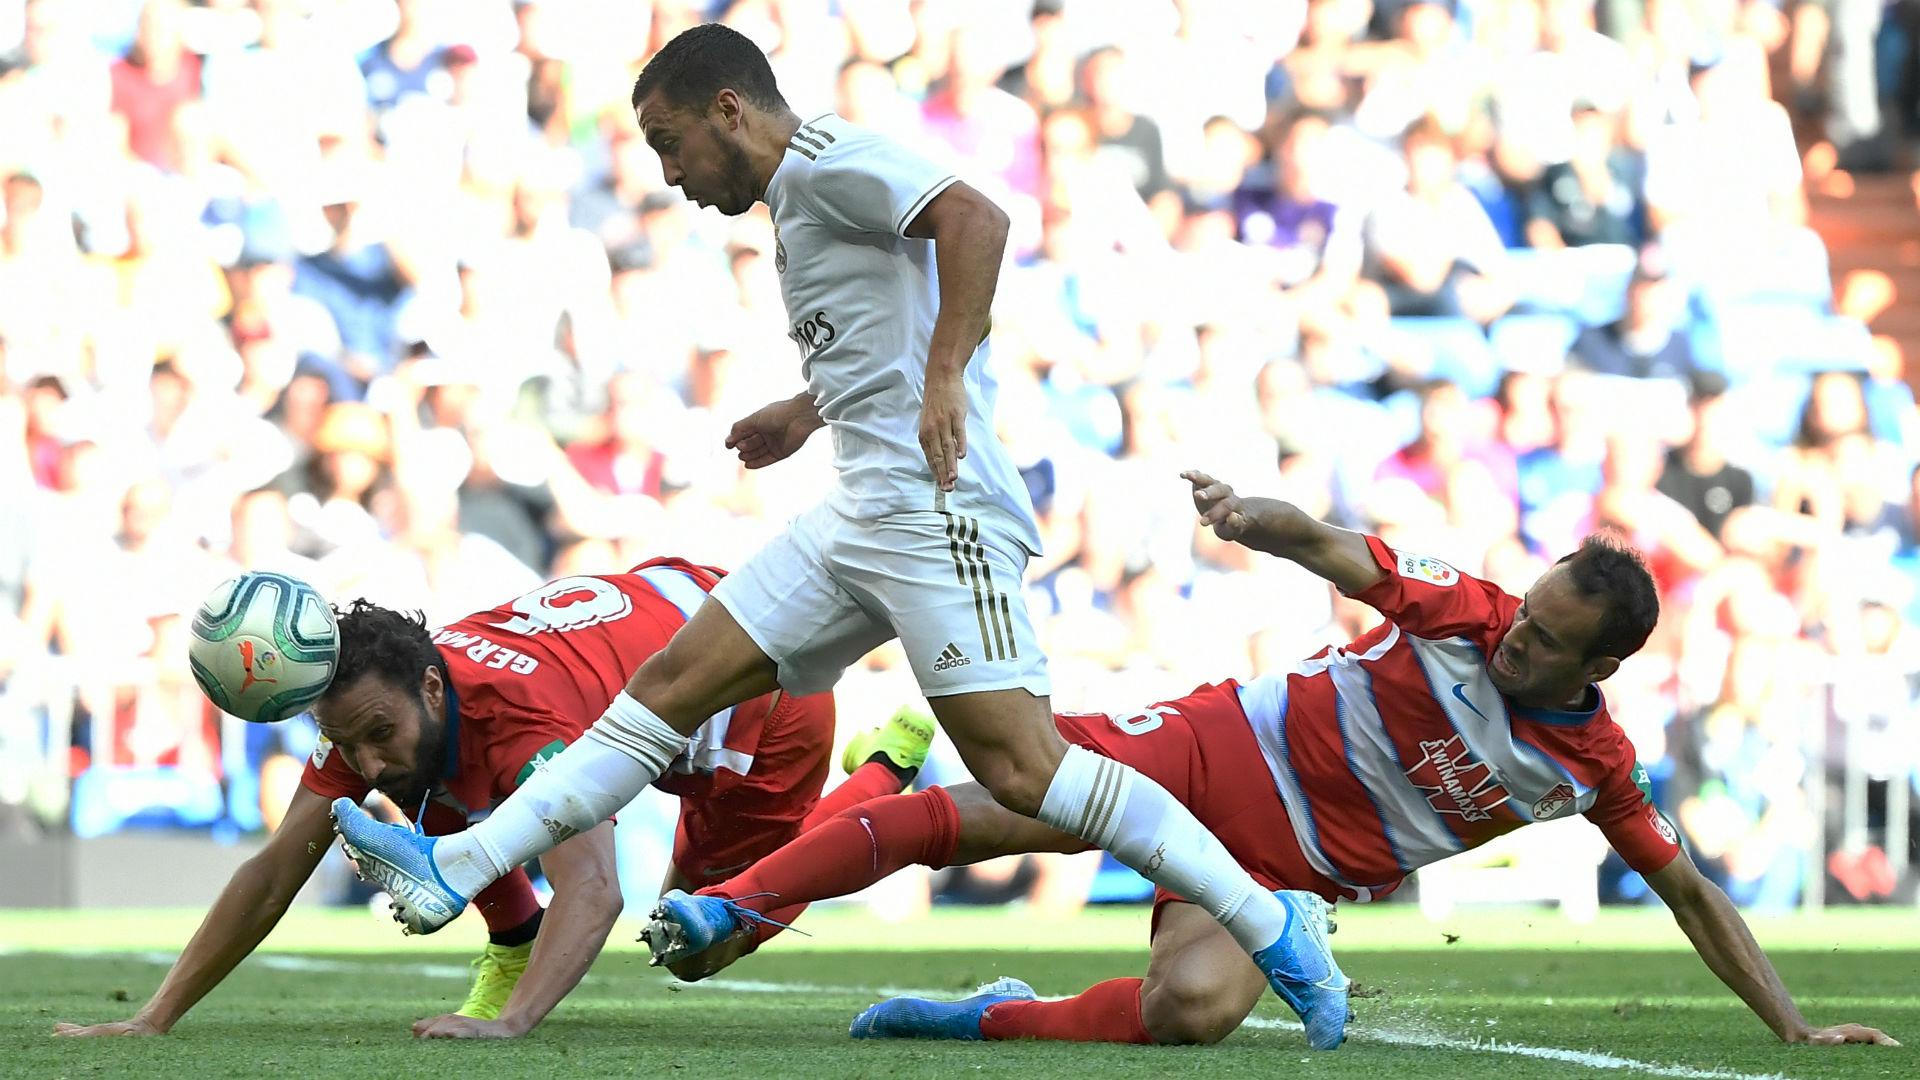 """Real Madrid - Hazard : """"J'espère marquer beaucoup de buts pour ce grand club"""""""